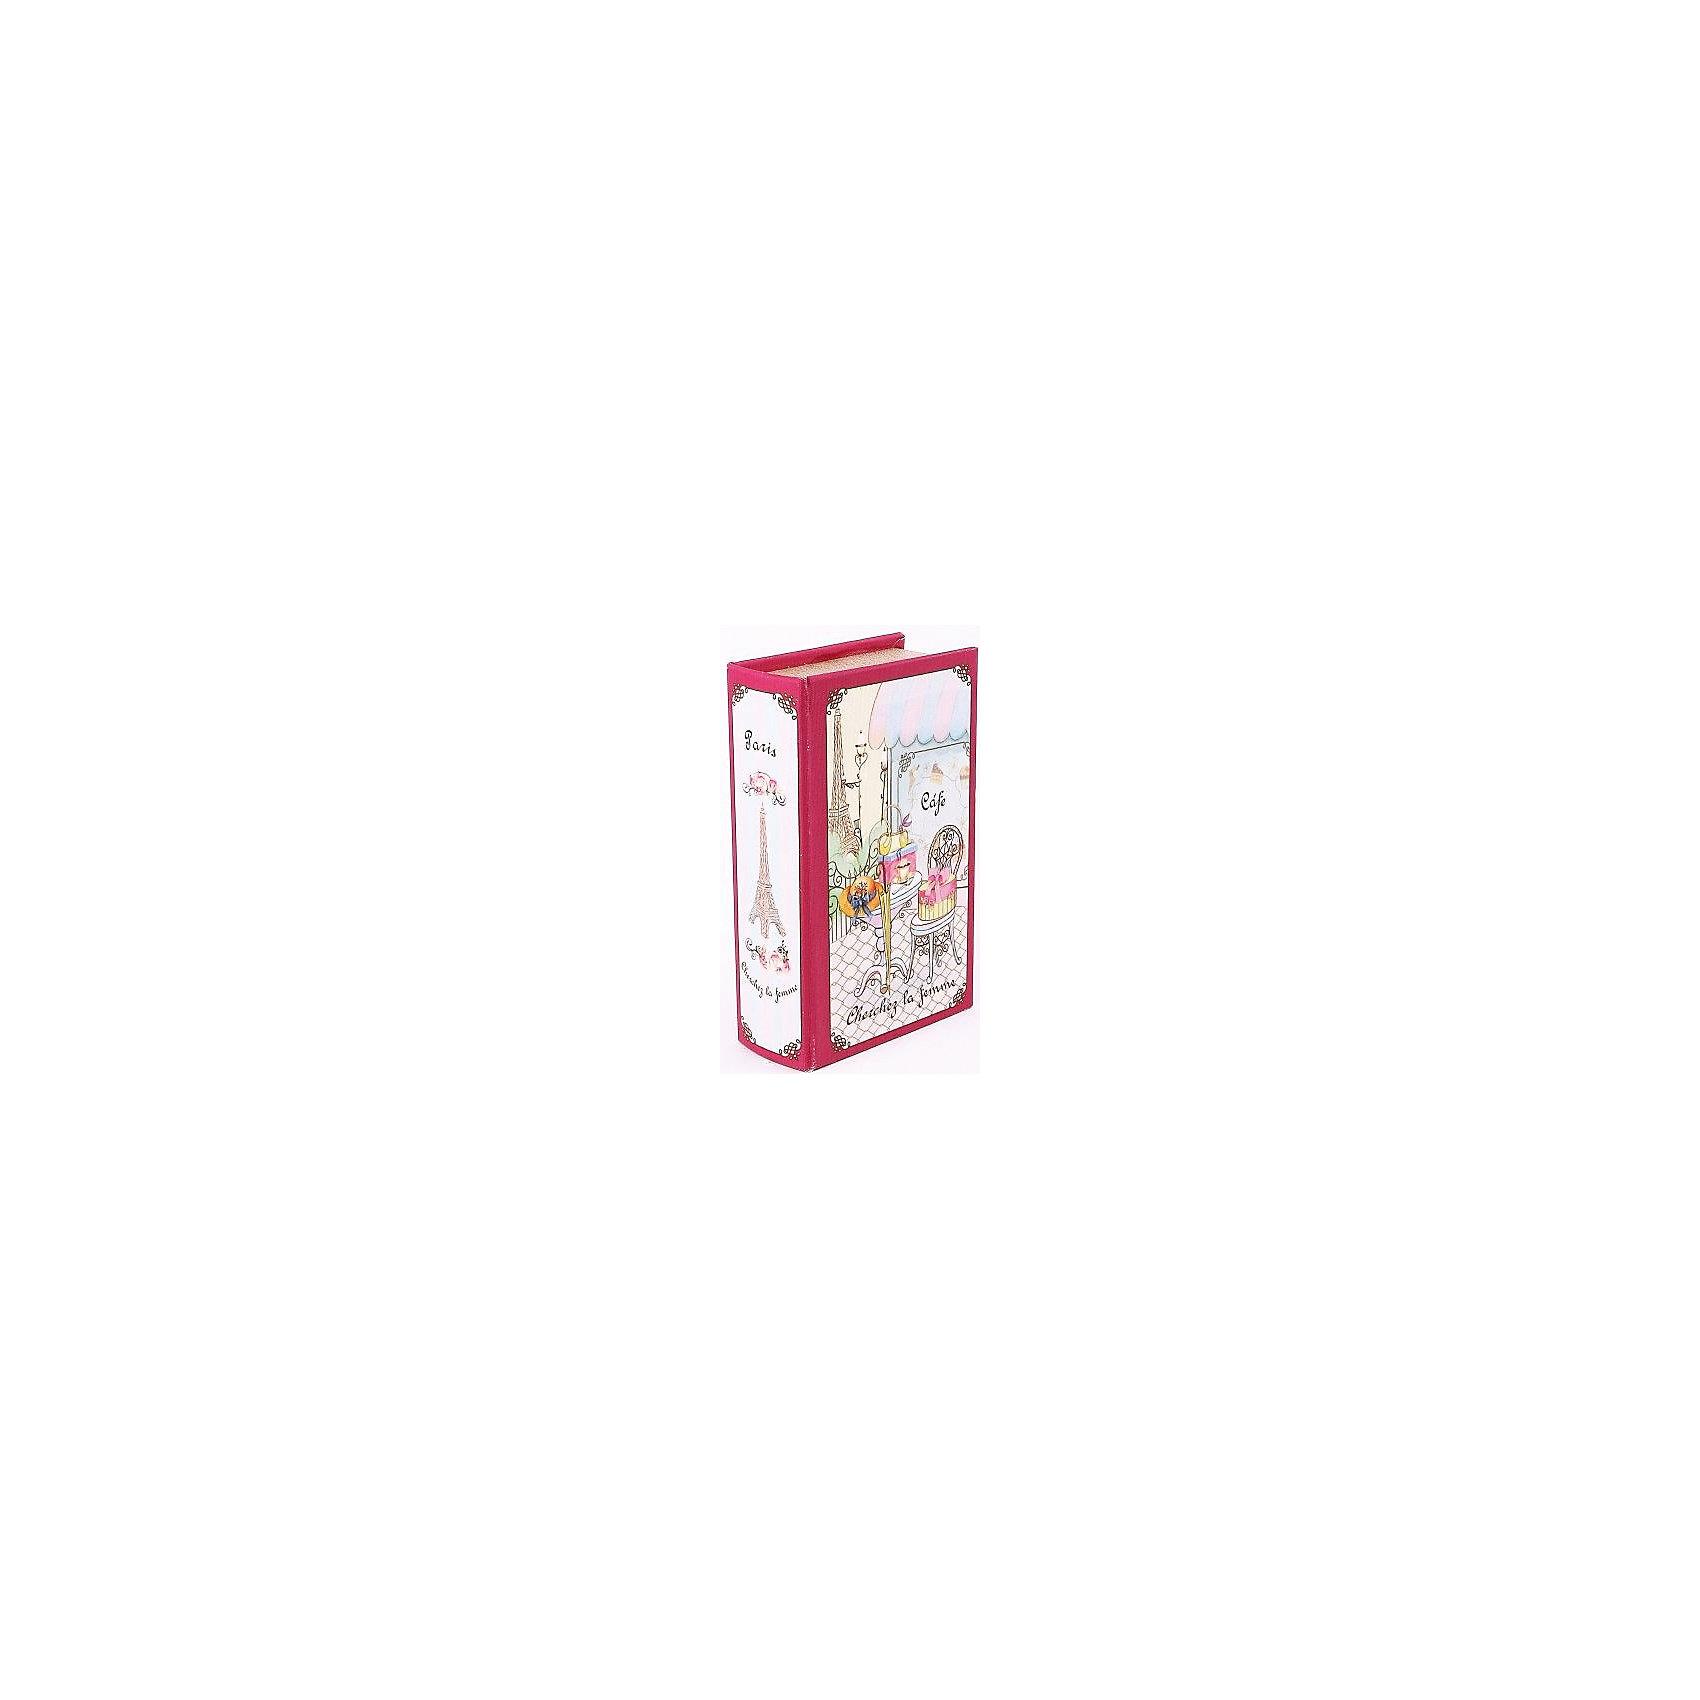 Шкатулка декоративная  Парижское кафе (17*11*5см)Стильная декоративная шкатулка Парижское кафе выполнена в форме книги с оригинальным рисунком. Она отлично подойдет для хранения мелочей и безделушек, есть отделение для украшений. Отличный вариант для ценного и оригинального подарка!<br><br>Дополнительная информация:<br>Материал: МДФ<br>Размер: 5х26х17 см<br>Вес: 285 грамм<br>Декоративную шкатулку Парижское кафе можно купить в нашем интернет-магазине.<br><br>Ширина мм: 390<br>Глубина мм: 300<br>Высота мм: 370<br>Вес г: 310<br>Возраст от месяцев: 84<br>Возраст до месяцев: 216<br>Пол: Унисекс<br>Возраст: Детский<br>SKU: 4957971